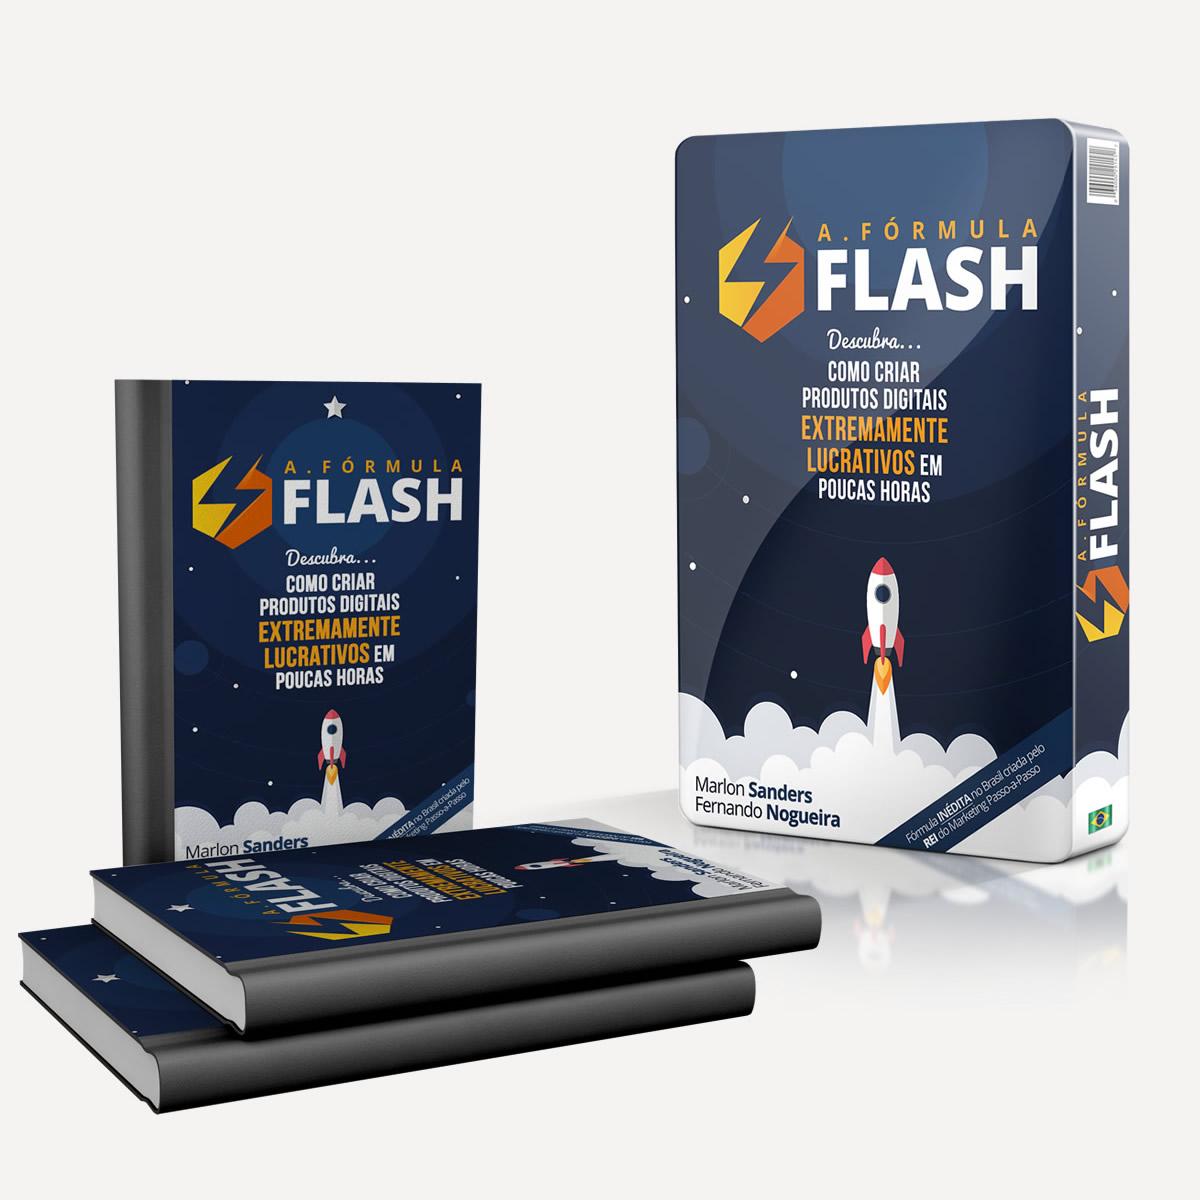 A Fórmula Flash - Como criar produtos digitais EXTREMAMENTE LUCRATIVOS em poucas horas